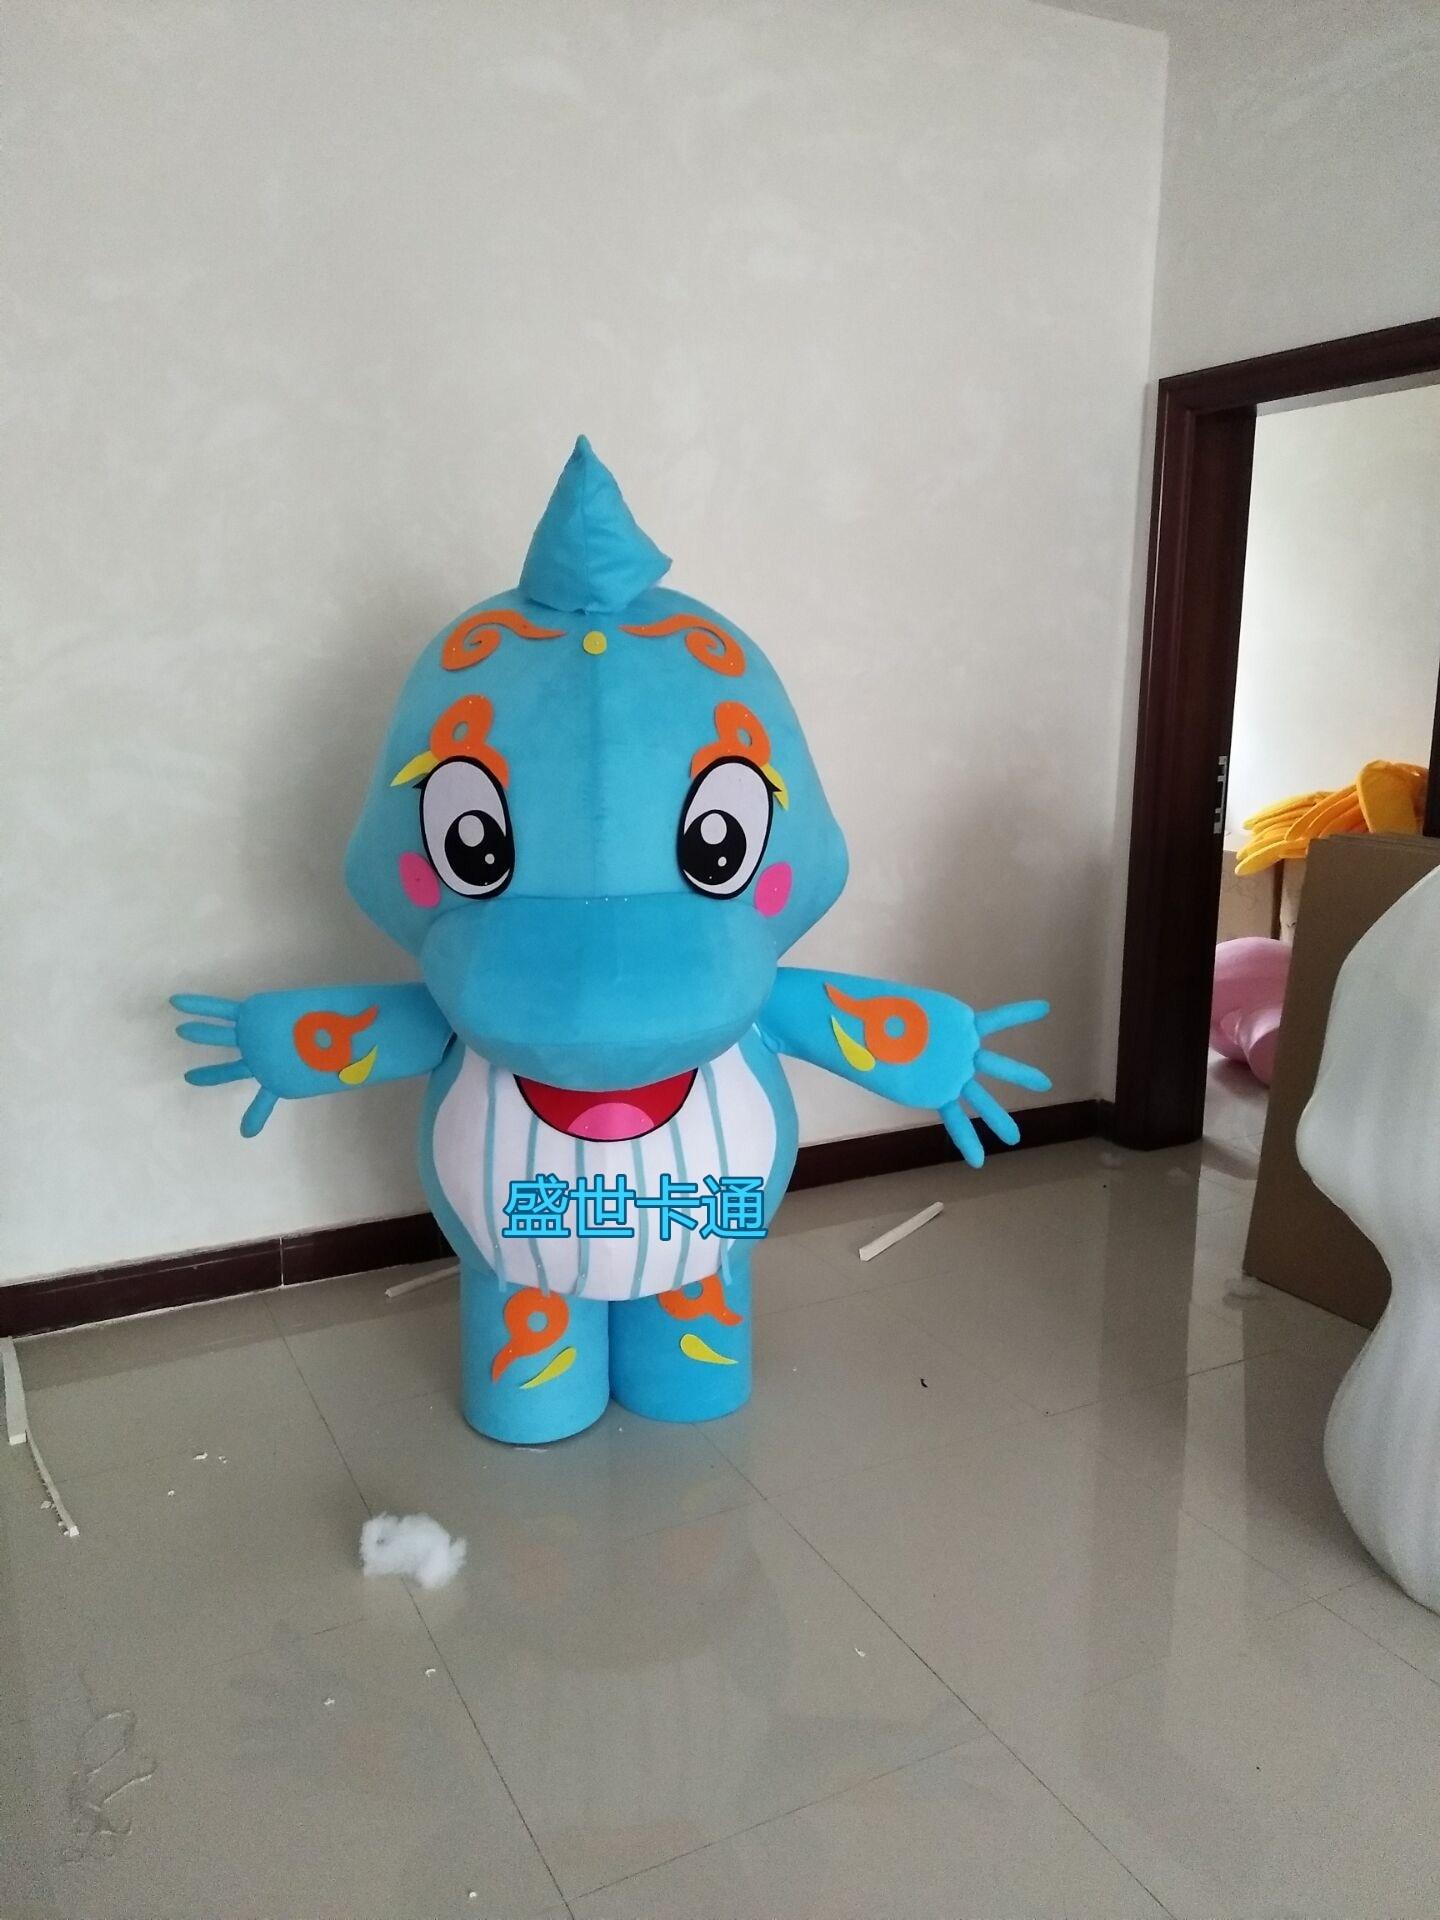 Offre spéciale 2018 adulte mignon cheval de mer mascotte costume cosplay thème mascotte carnaval costume fantaisie fête robe de noël cadeau